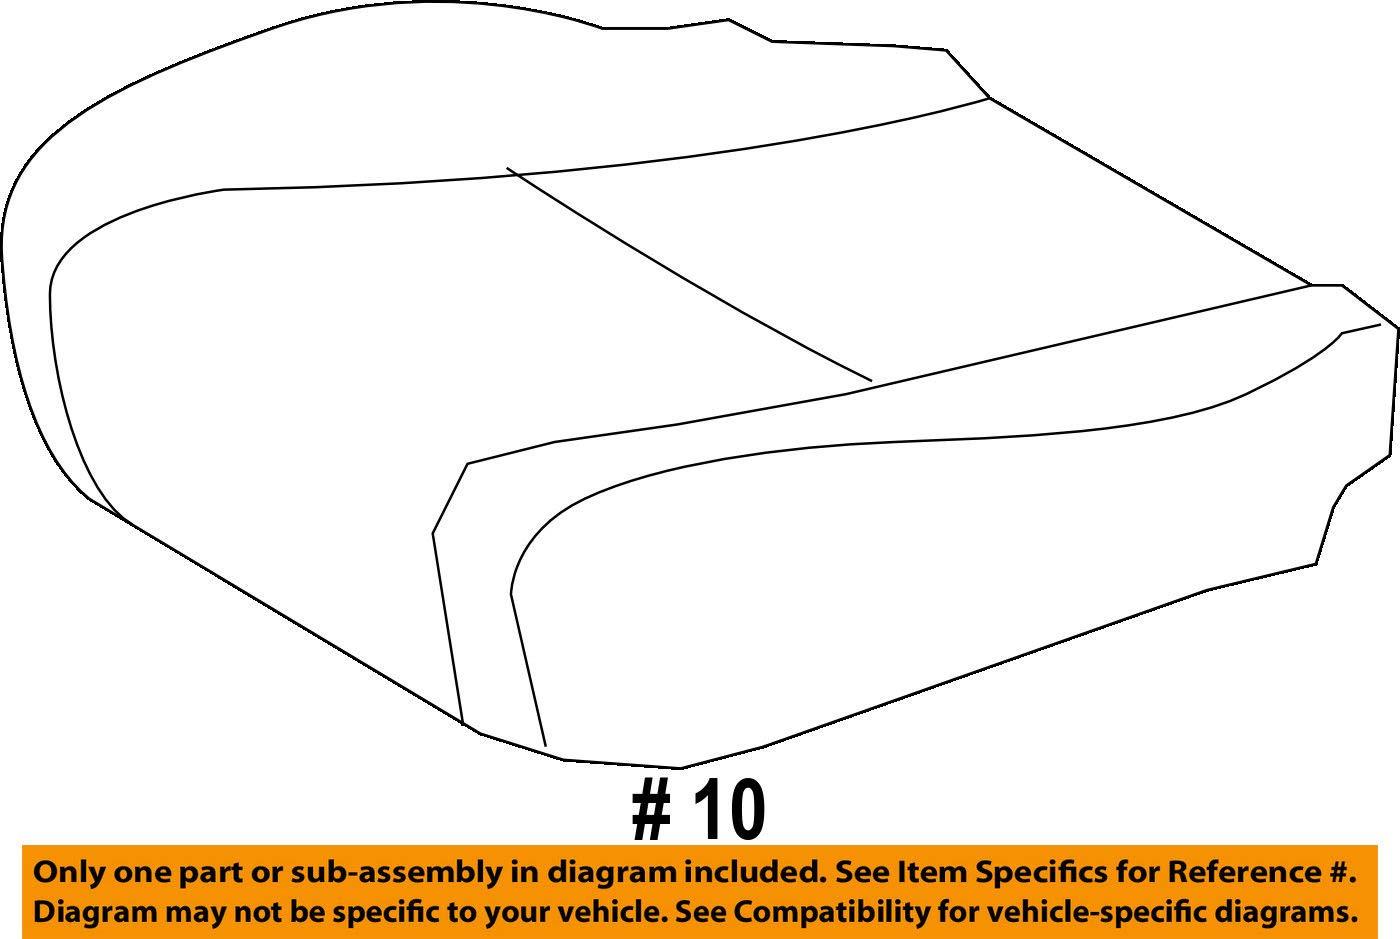 TOYOTA Genuine 71072-0E160-E0 Seat Cushion Cover